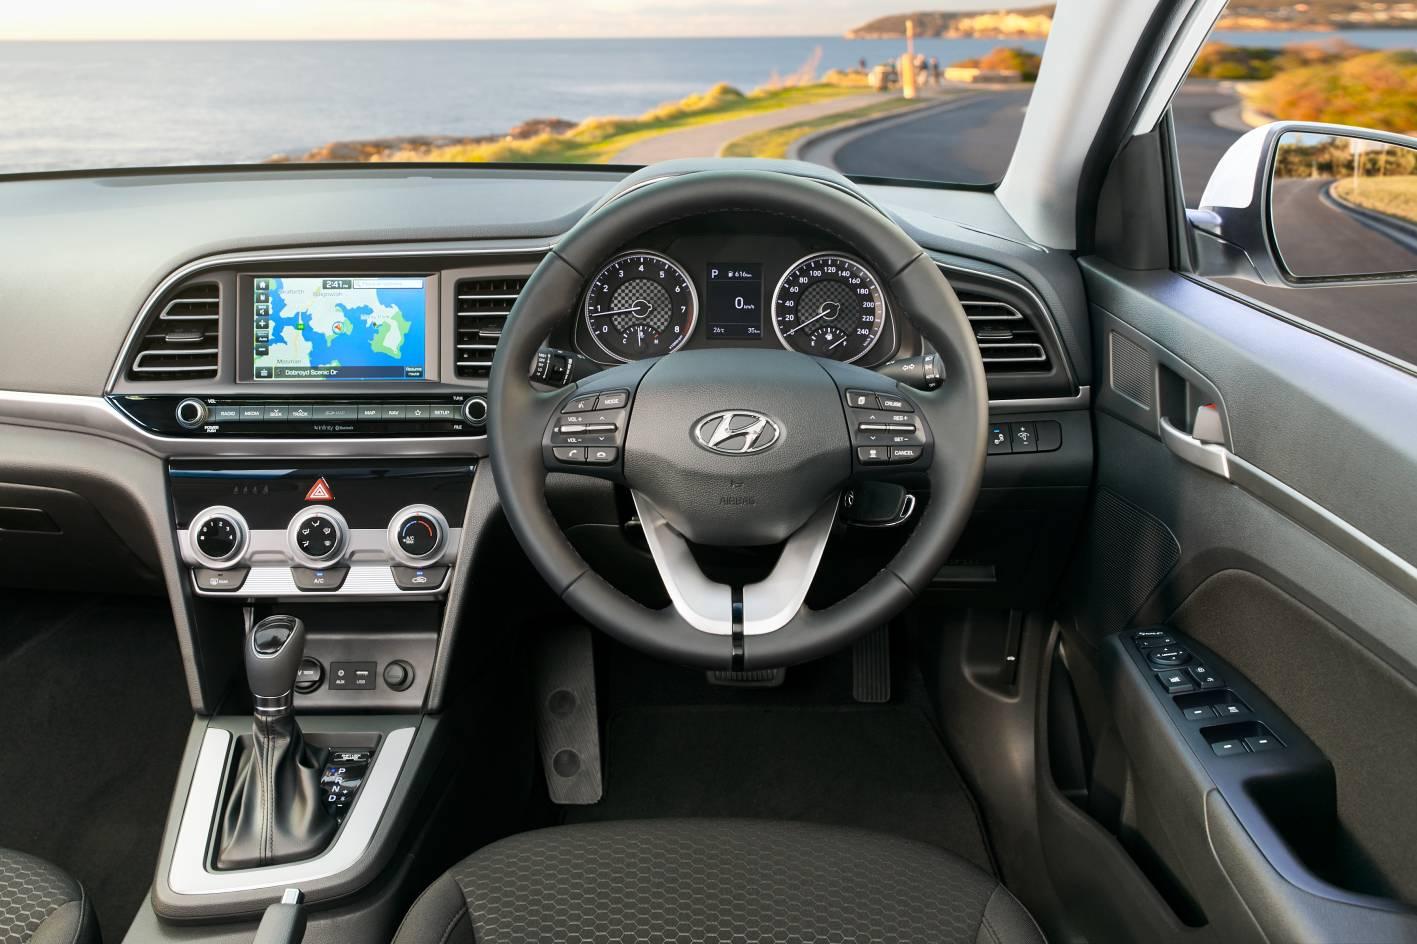 2019 Hyundai Elantra Active Interior Forcegt Com